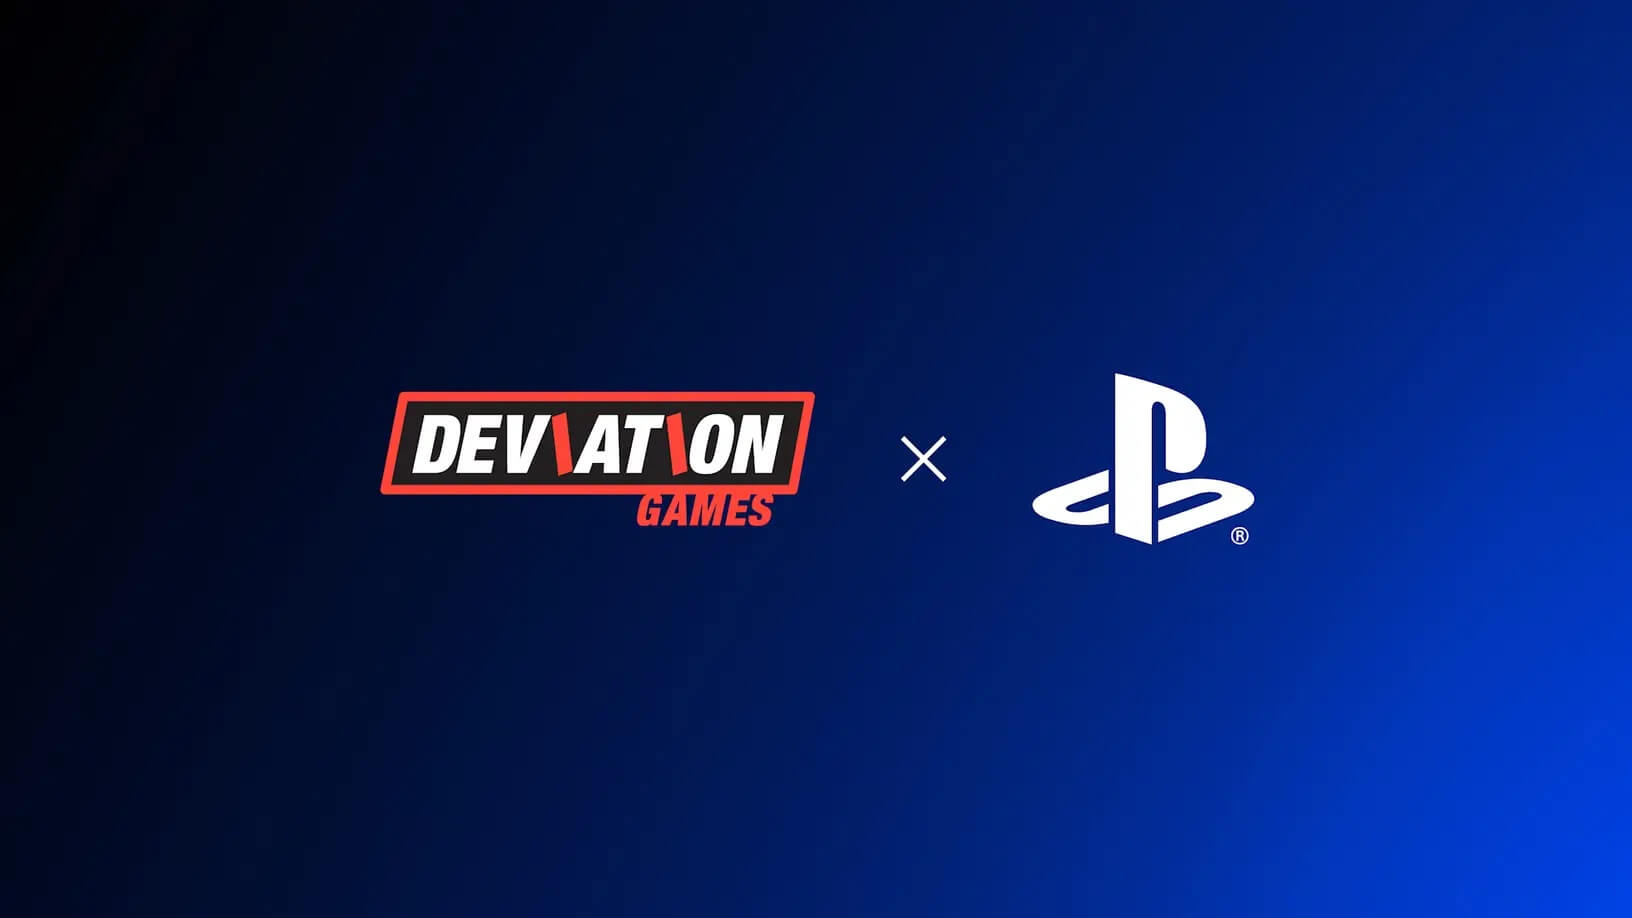 El nuevo estudio Deviation Games anuncia una colaboración con PlayStation